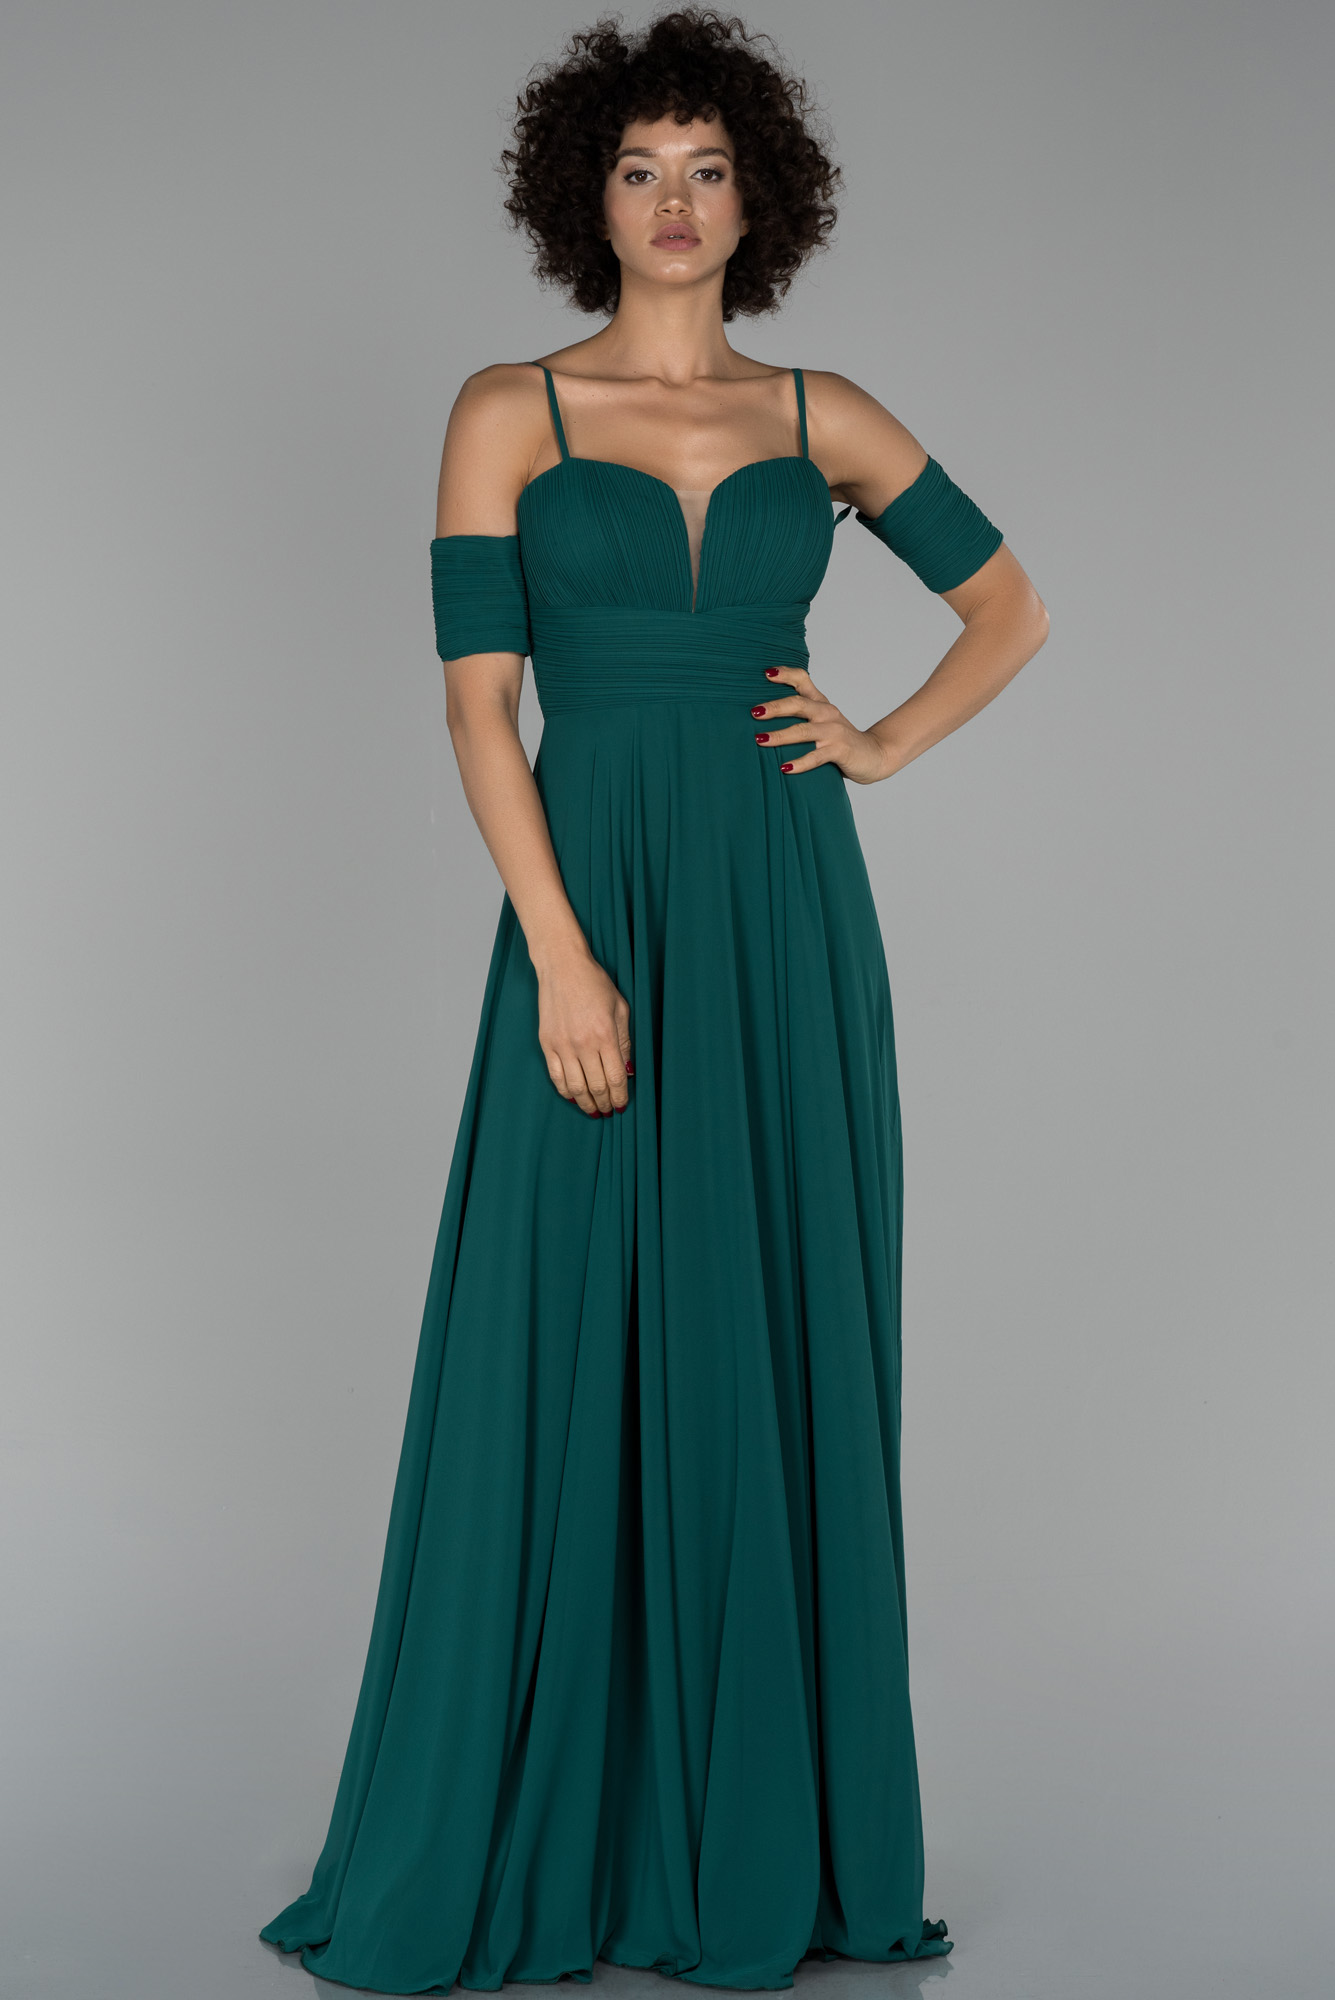 Zümrüt Yeşili Uzun Kol Detaylı Şifon Abiye Elbise